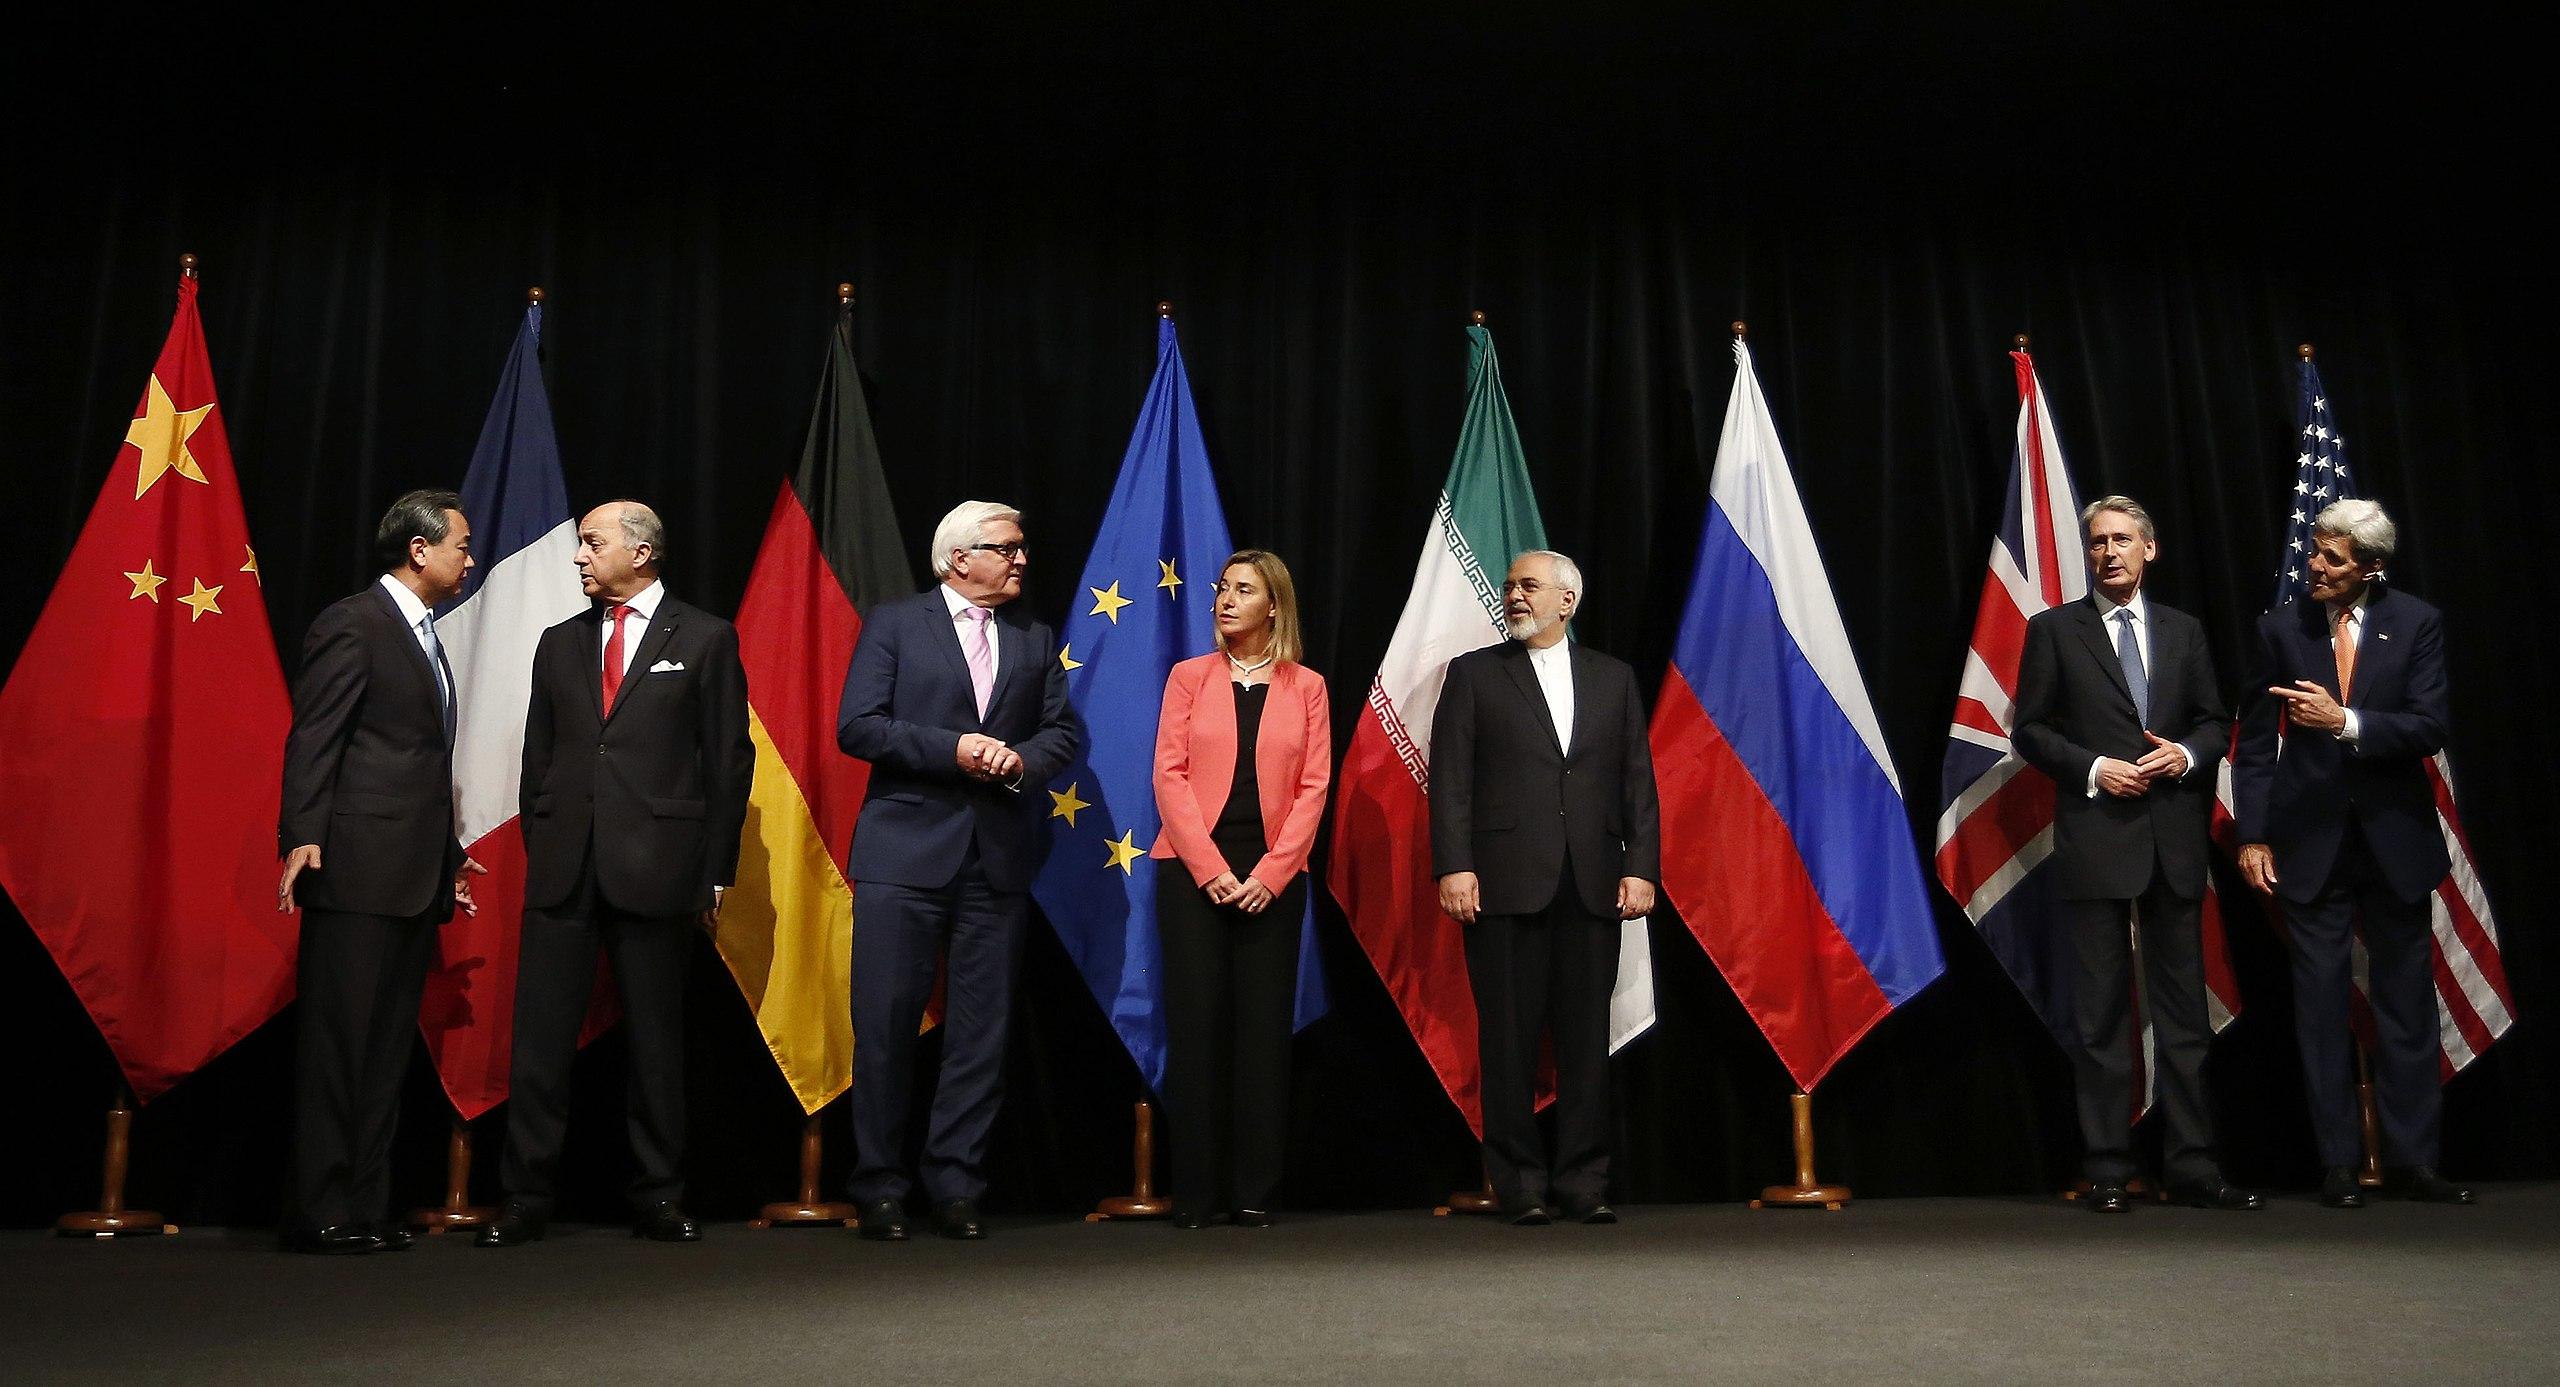 2015年伊朗核協議簽署(圖/Bundesministerium für Europa, Integration und Äusseres/CC BY 2.0)